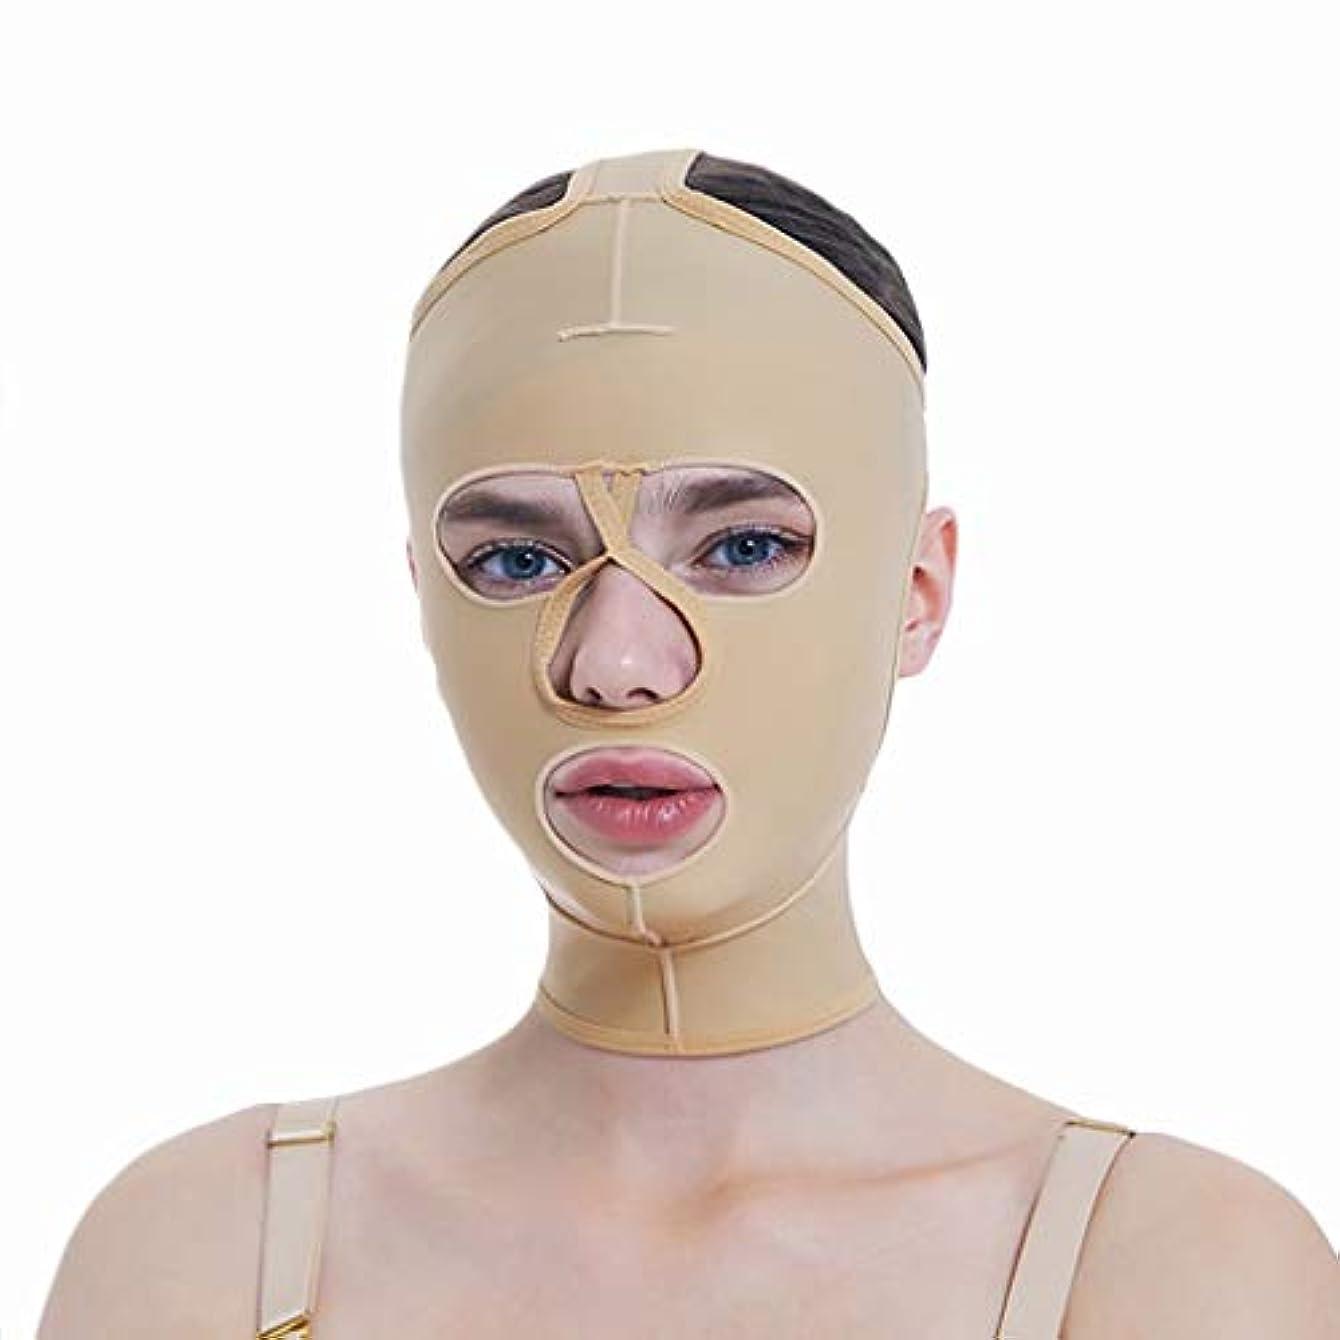 磁石ながら意味のあるXHLMRMJ 顔の減量マスク、フルカバレッジ包帯、フルフェイスリフティングマスク、フェイスマスク、快適で通気性、リフティングシェーピング (Size : M)